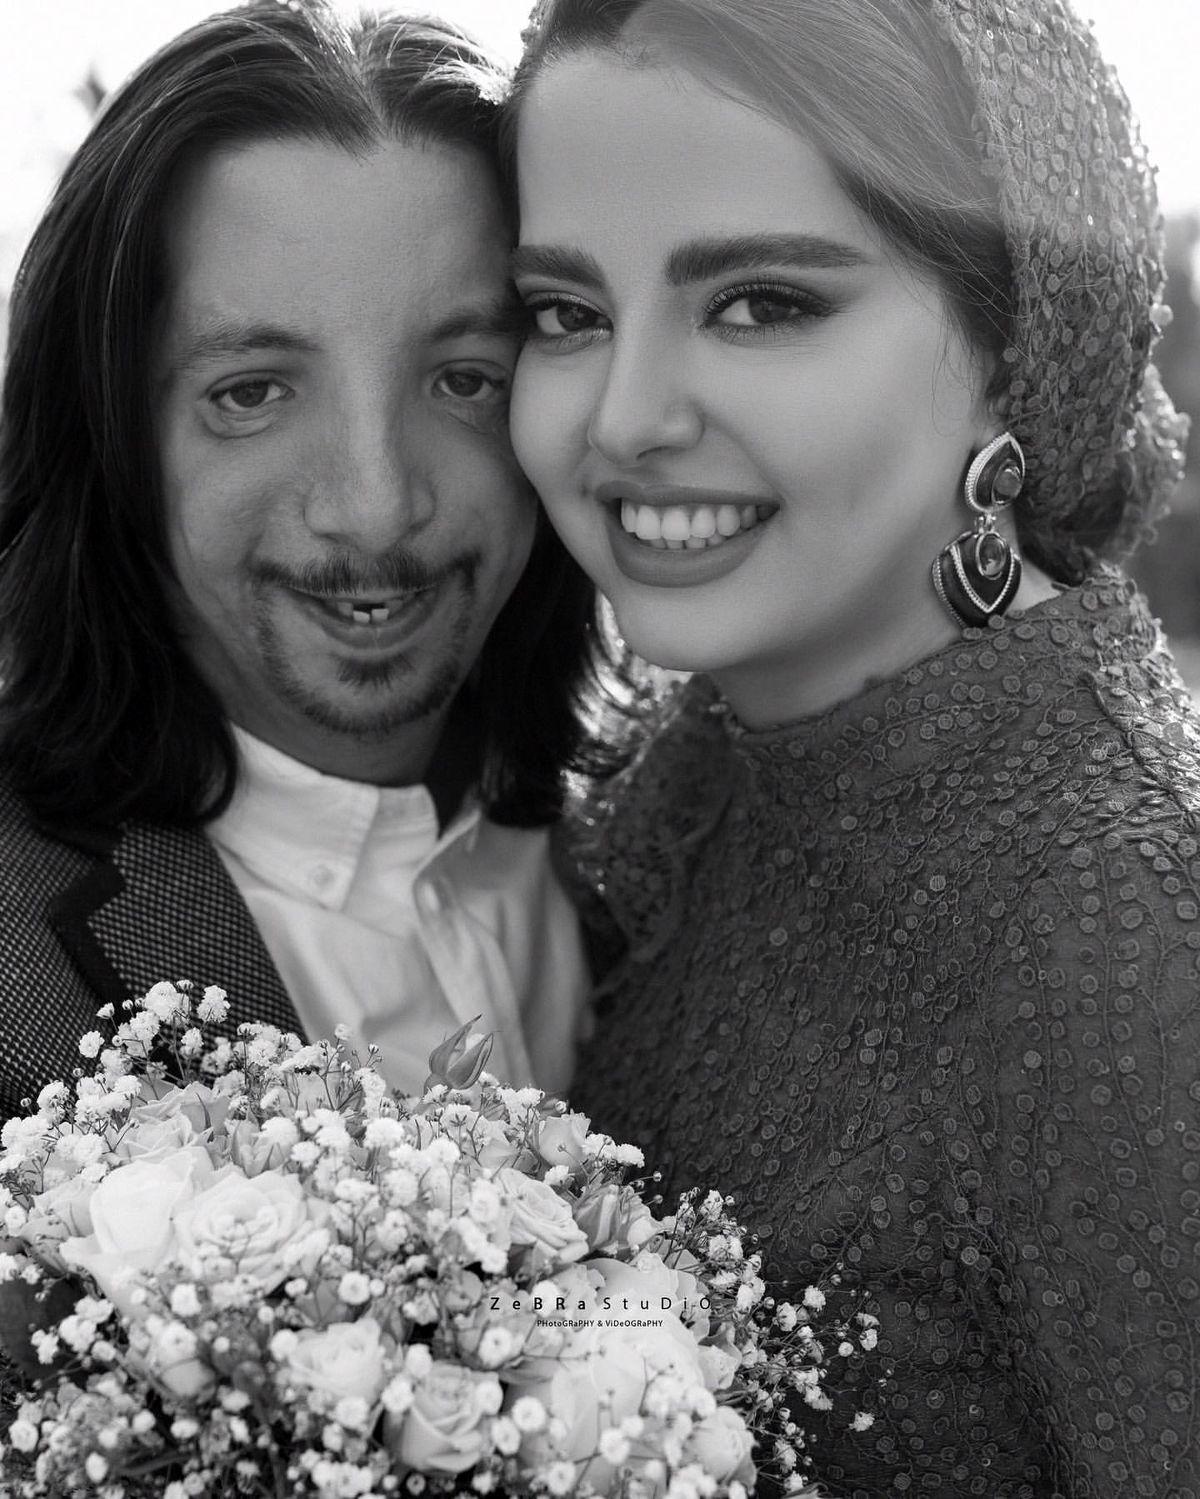 جشن تولد فرهاد ایرانی در کنار همسرش مهسا /  فرهاد ایرانی کیست ؟